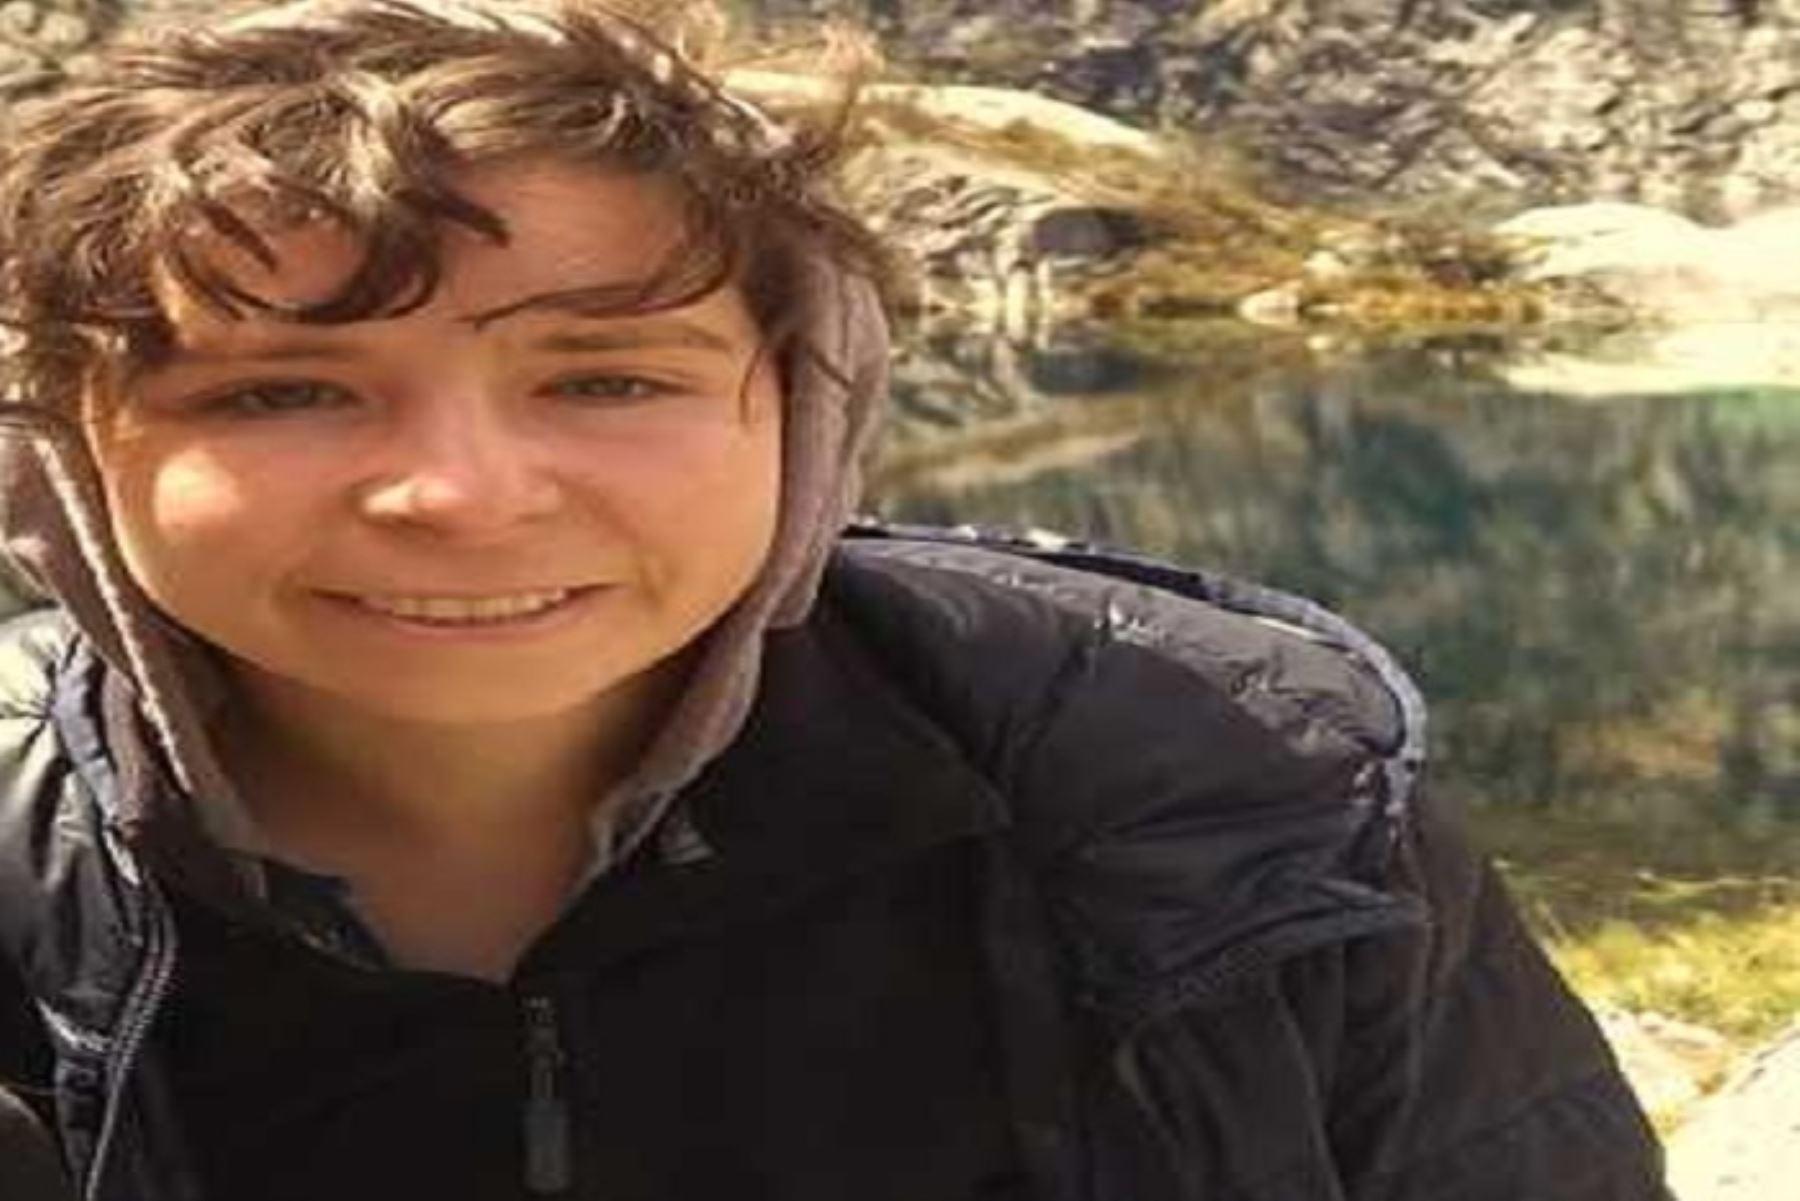 Missing British tourist found dead in Peru | News | ANDINA - Peru